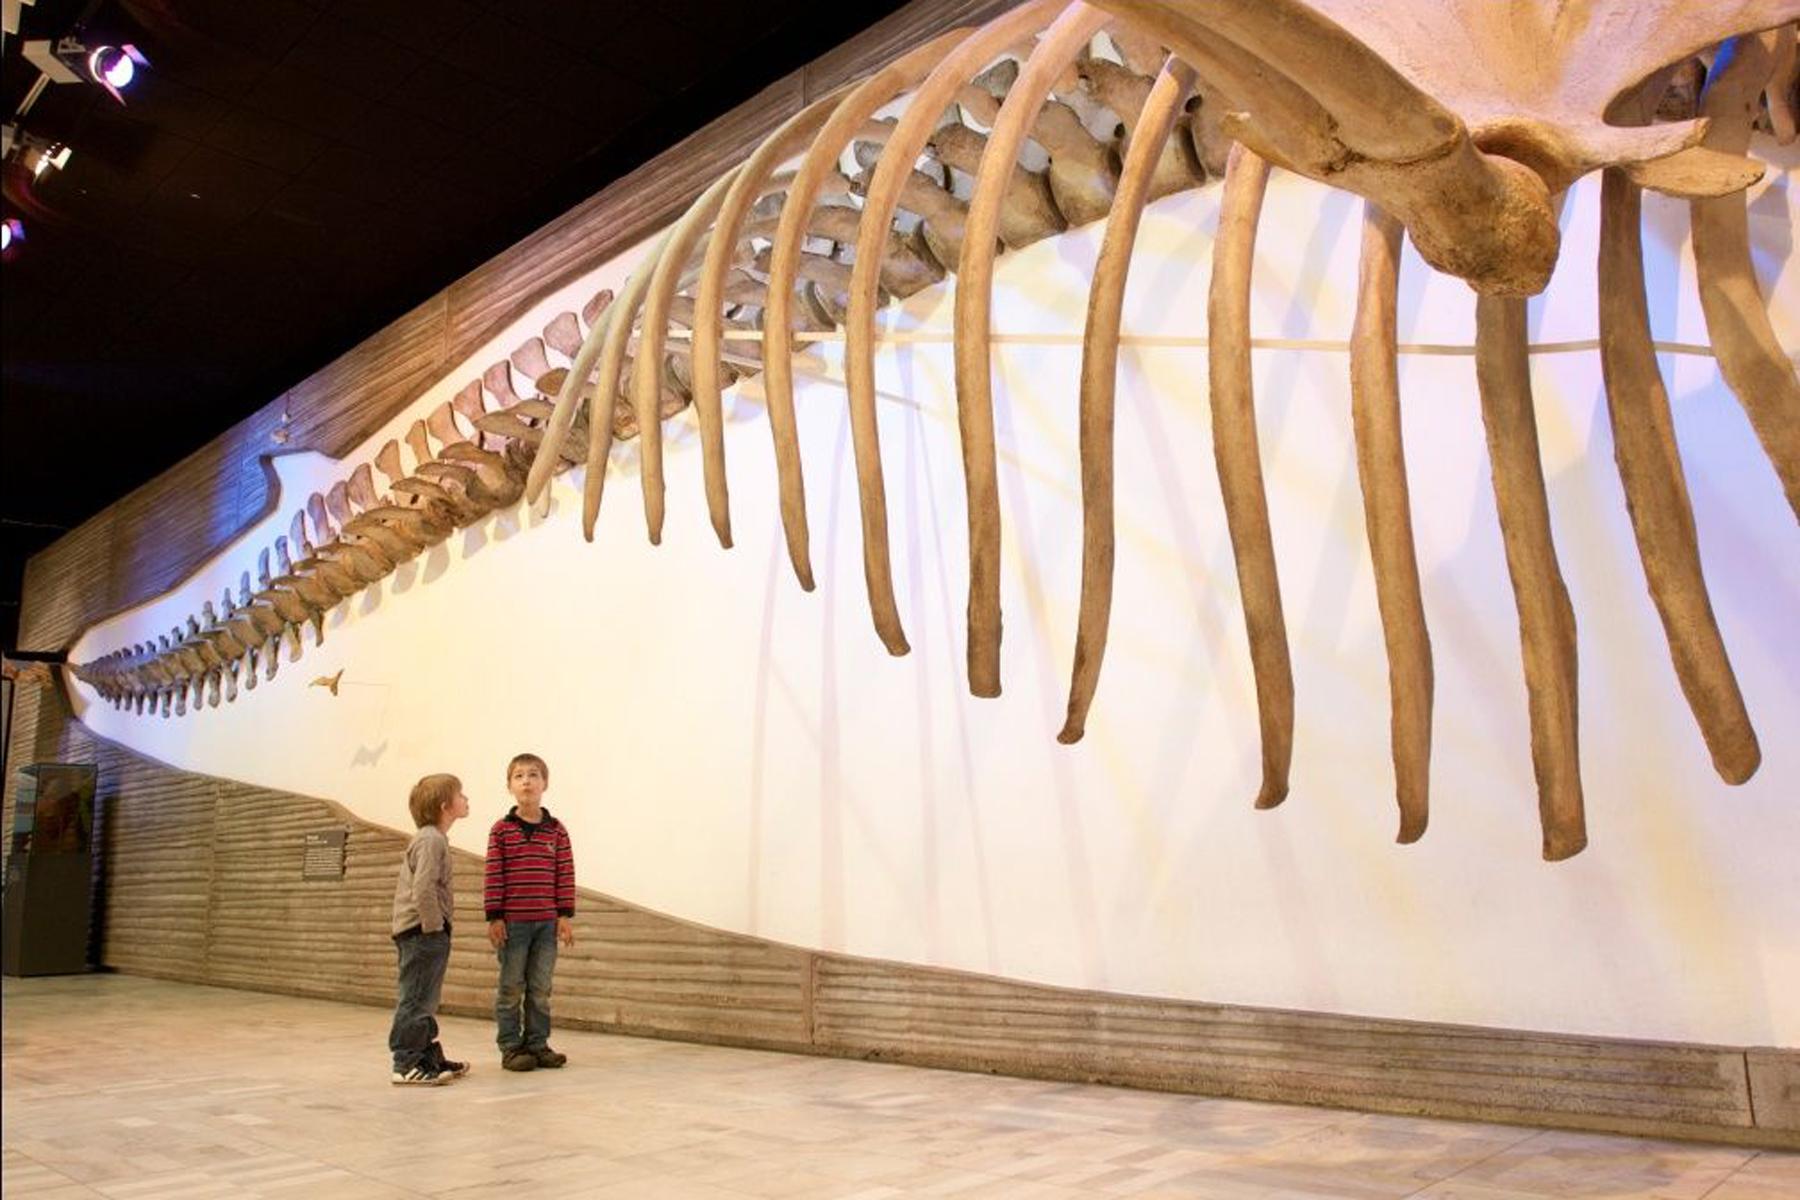 zwei Kinder stehen vor einer Wand, an der ein Dinosaurier Skelett hängt